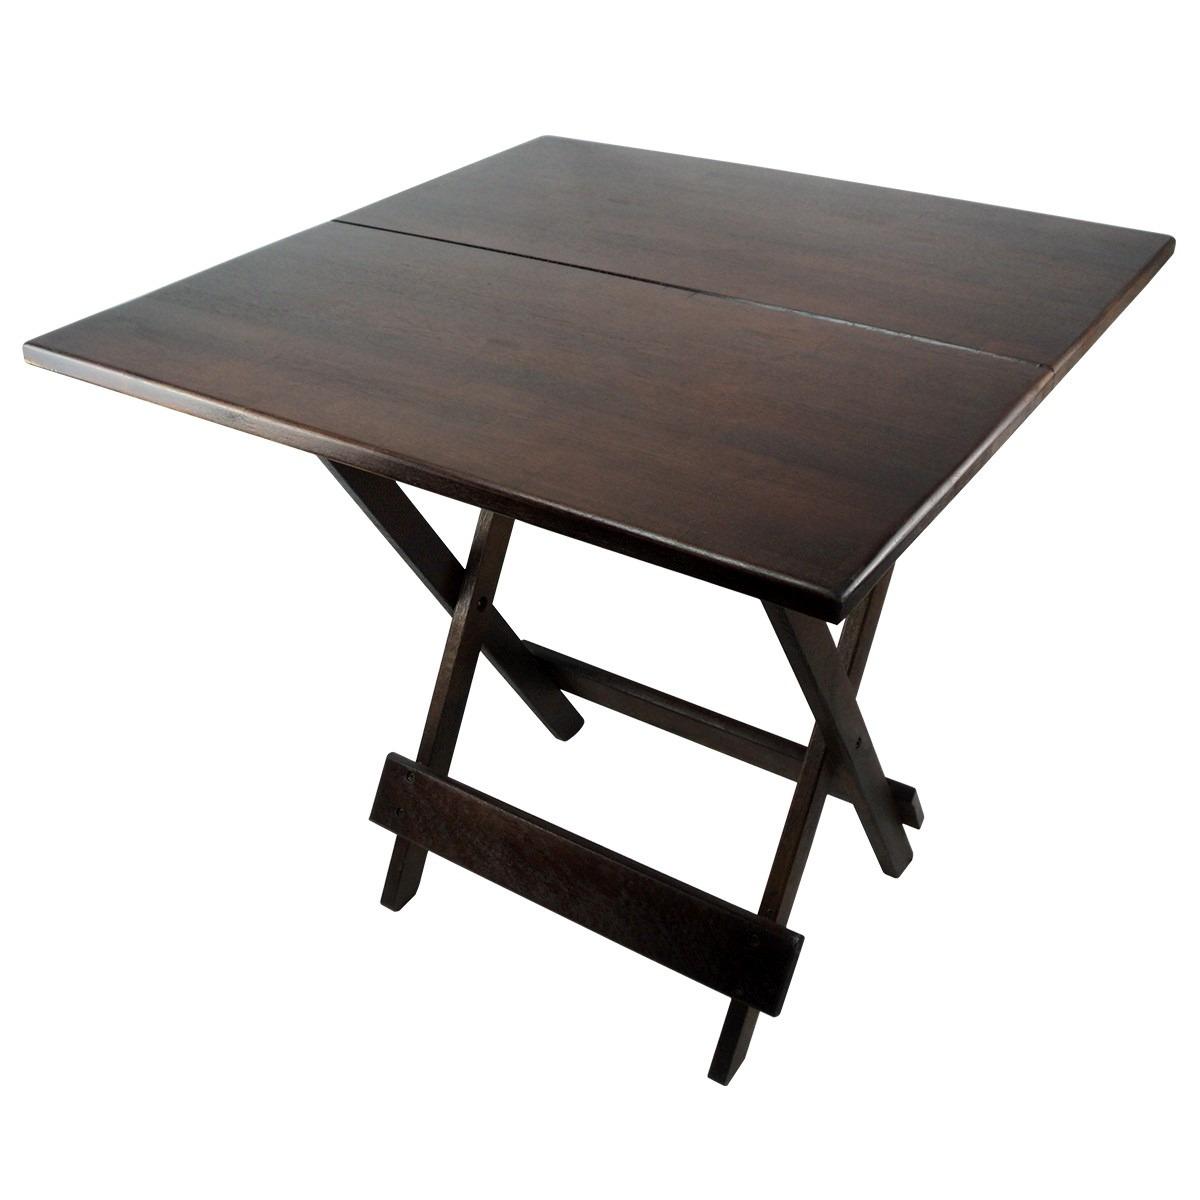 Conjunto De Cadeira E Mesa Dobrável Em Madeira 70x70 Imbuia R$ 299  #2C2421 1200x1200